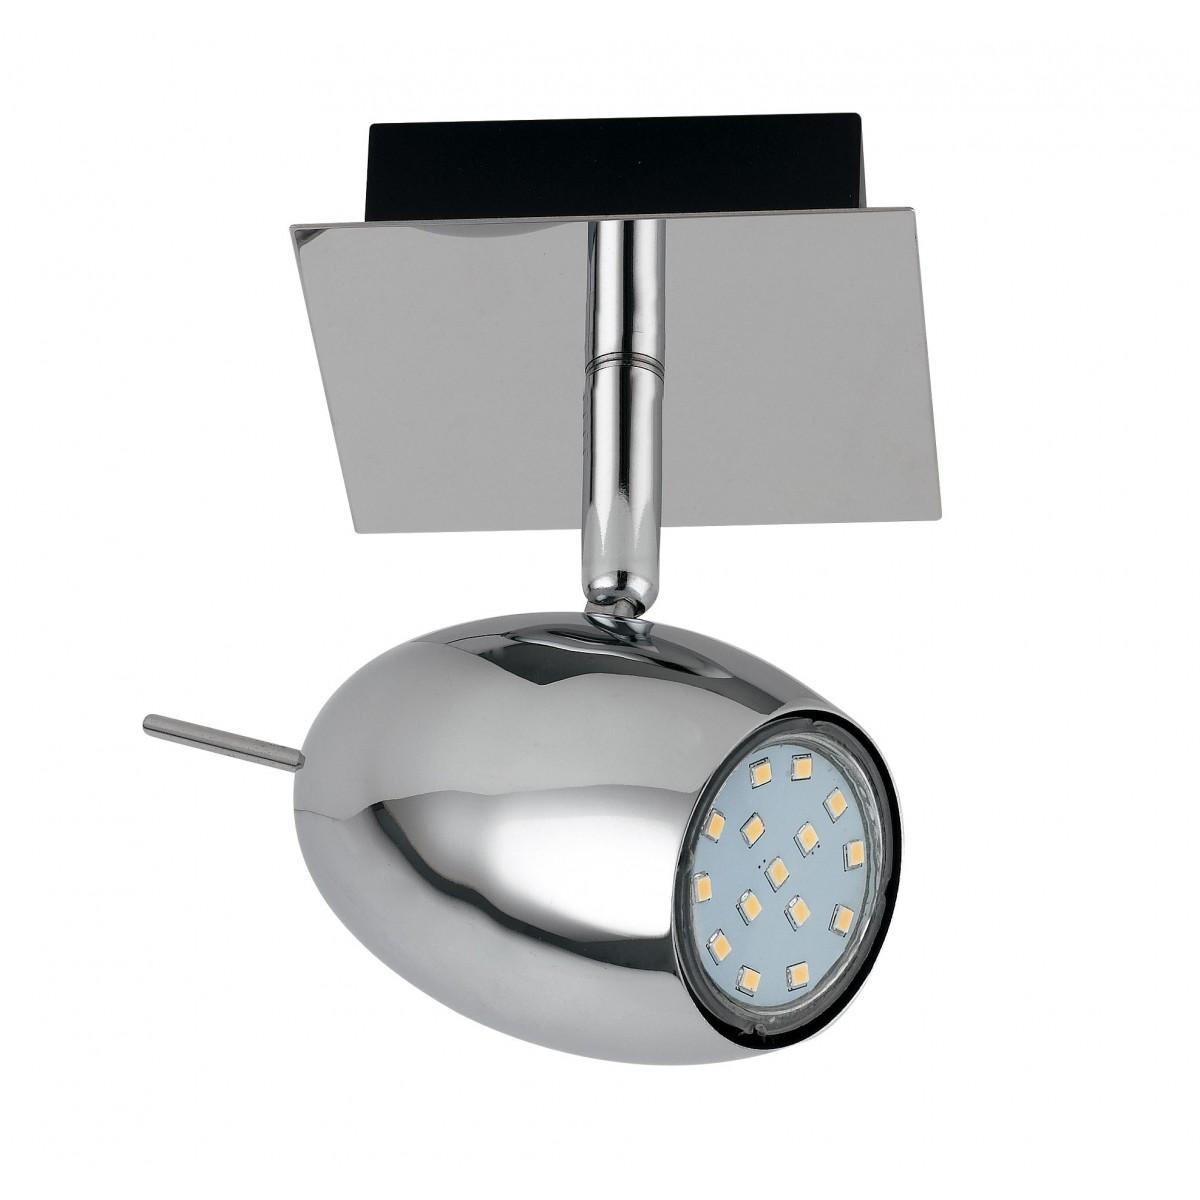 SPOT-MADRID-1 - Applique avec lumière